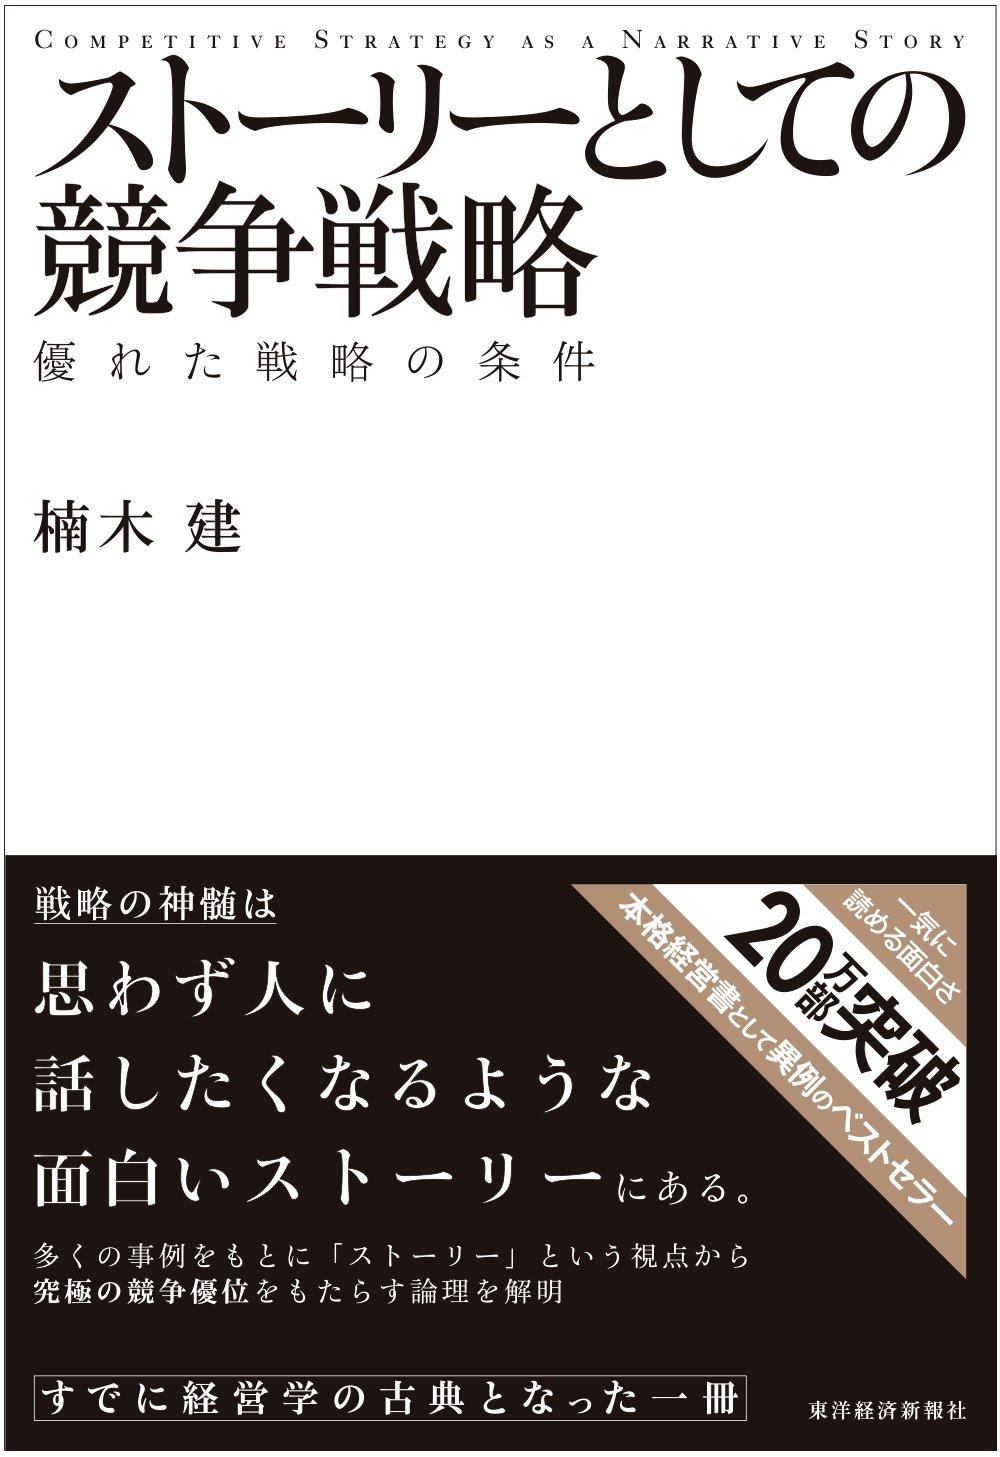 ストーリーとしての競争戦略 優れた戦略の条件 (Hitotsubashi Business ...